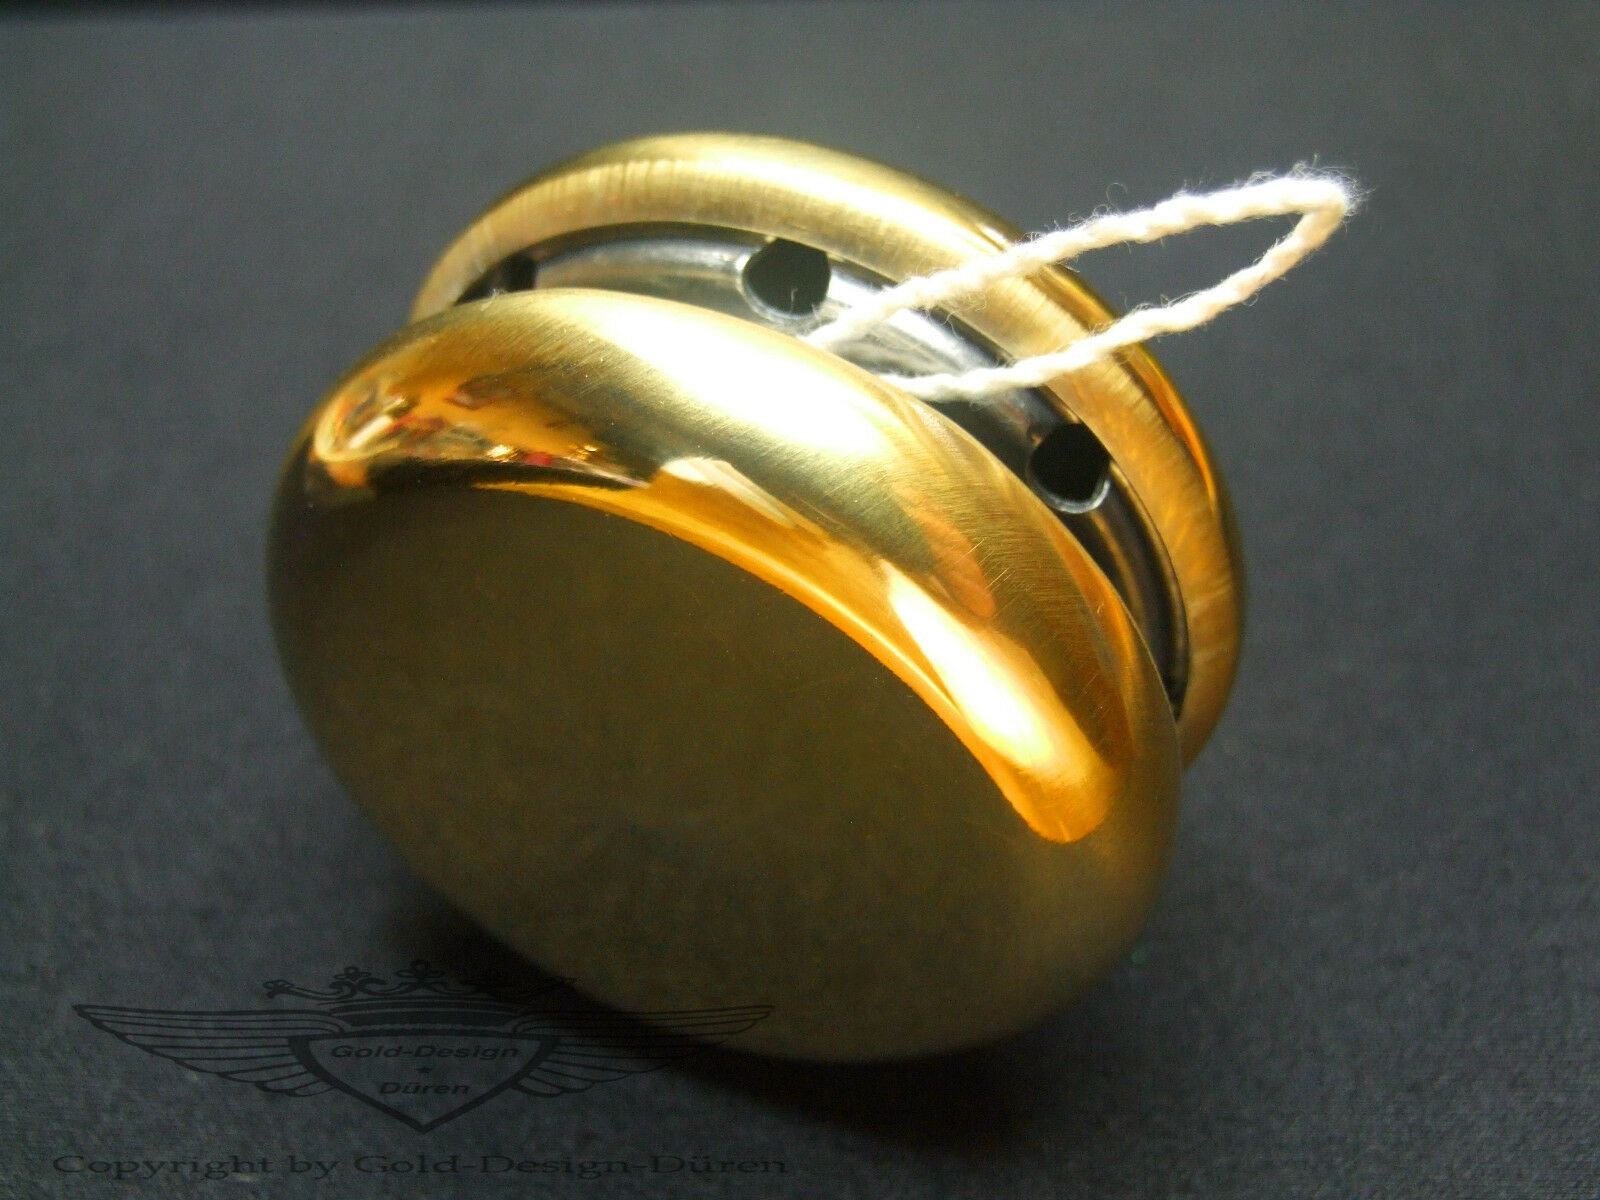 YoYo, Siegertrophäe, 24 24 24 Karat verGoldet, Pokal, Gold, Auszeichnung, Siegerehrung 1f3d8a